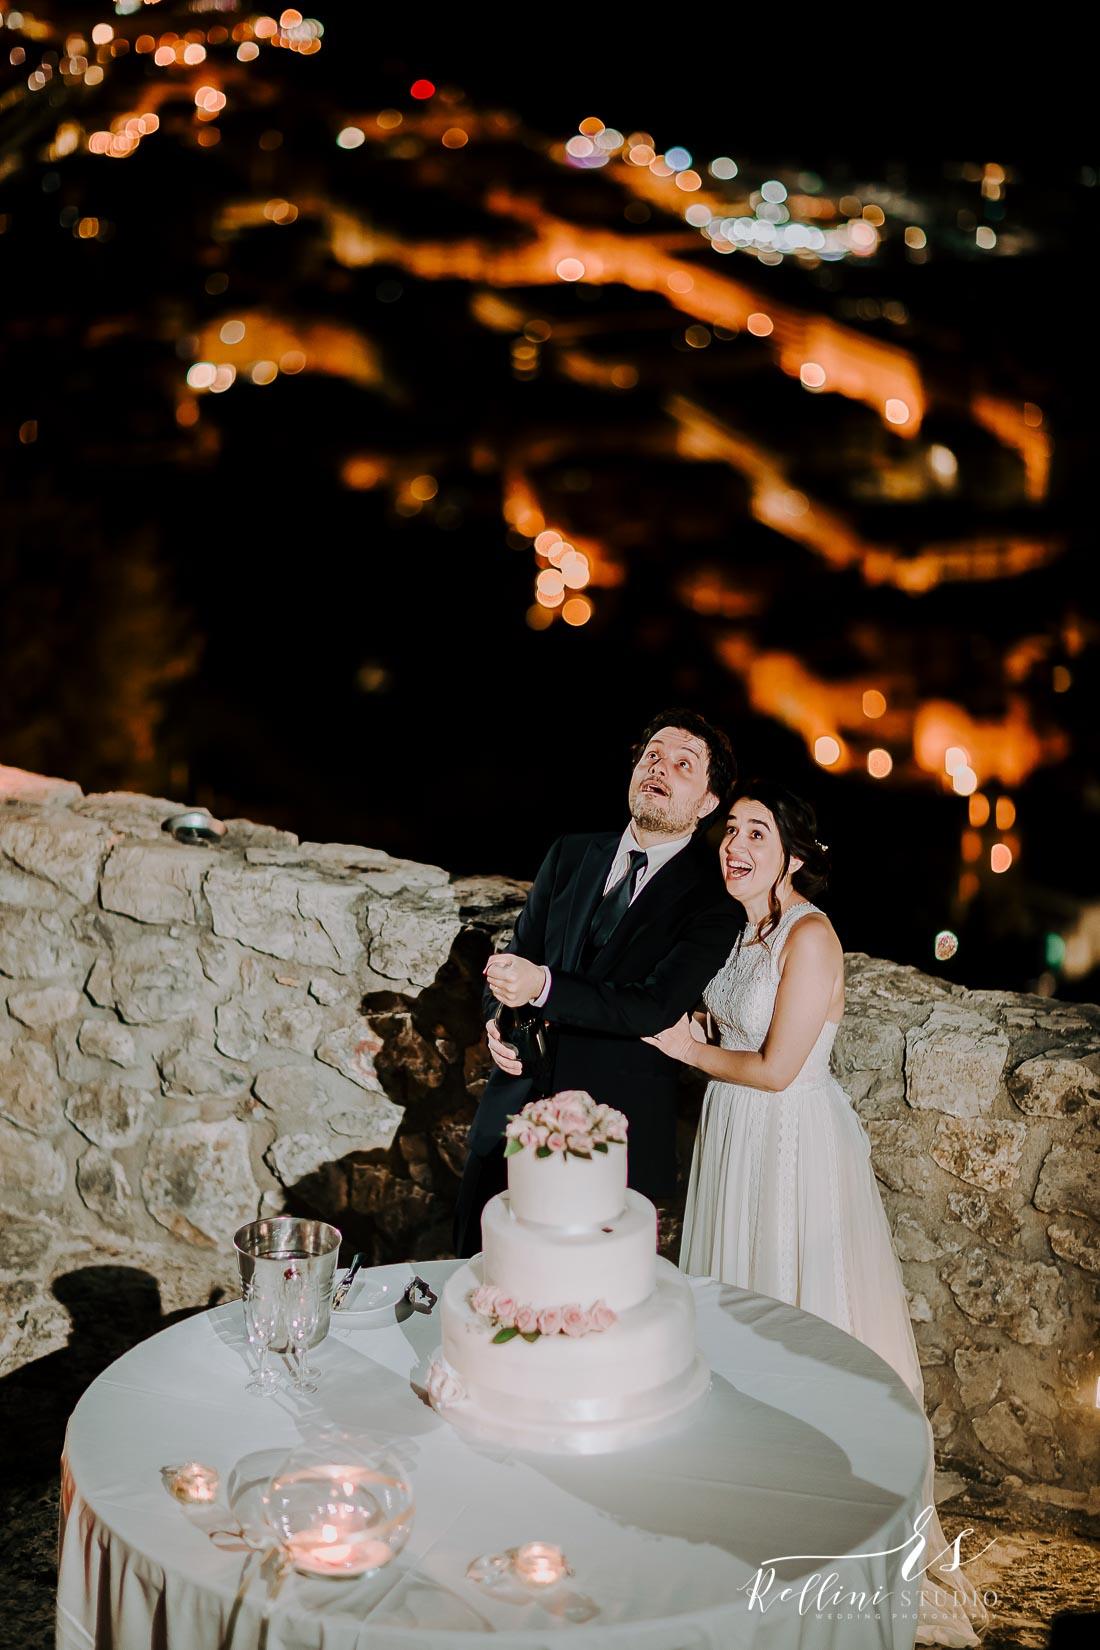 matrimonio Castello di Arechi Salerno 197.jpg